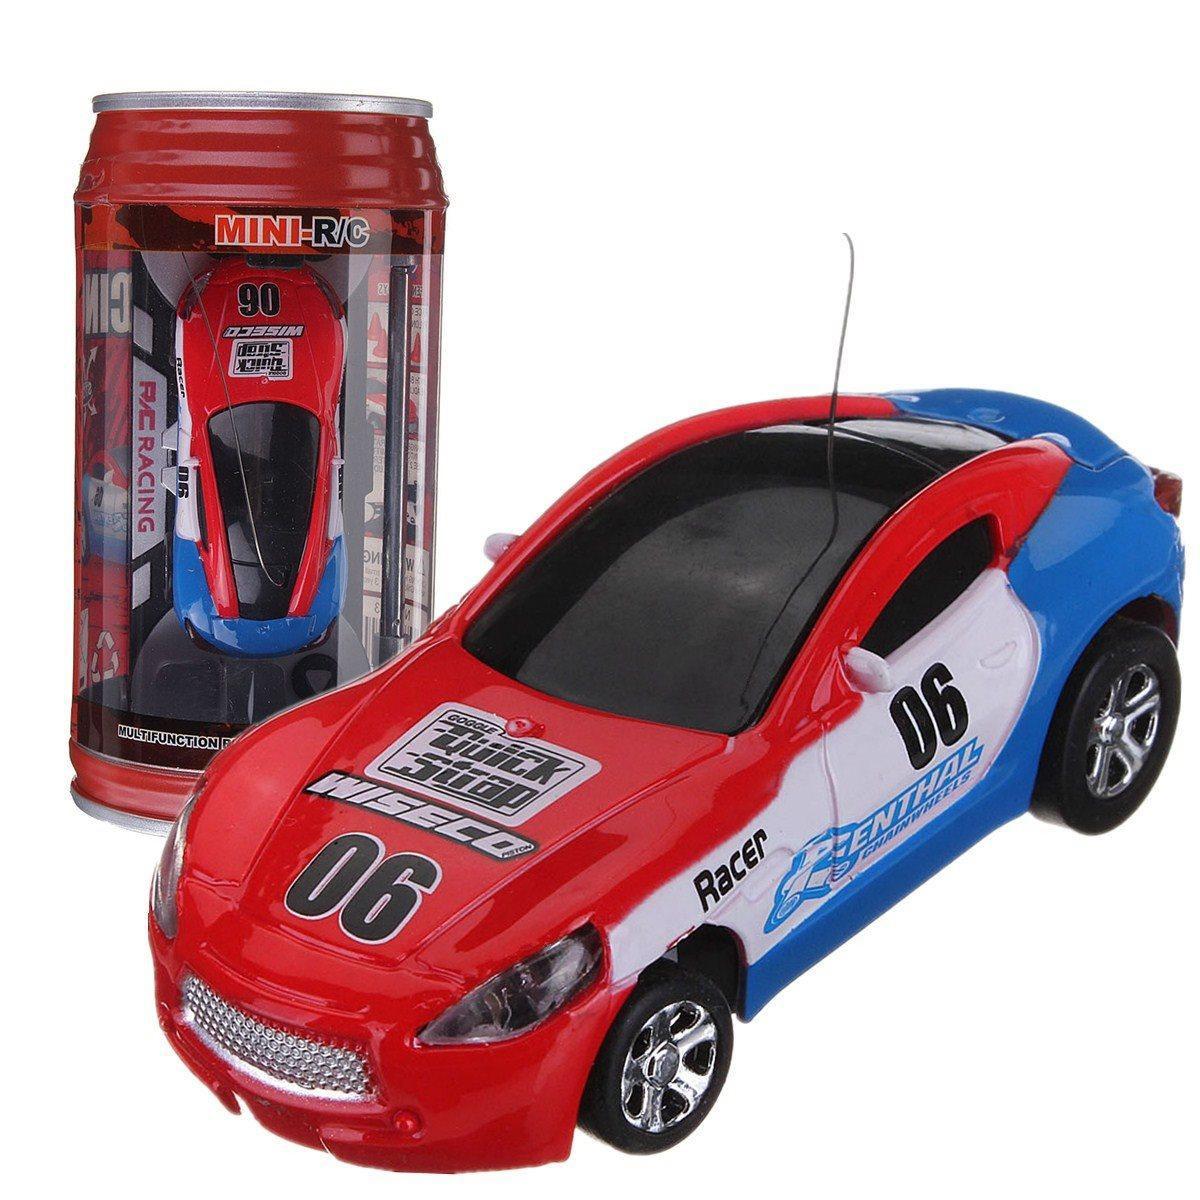 Радиоуправляемая микромашина в банке WL Toys - 9803